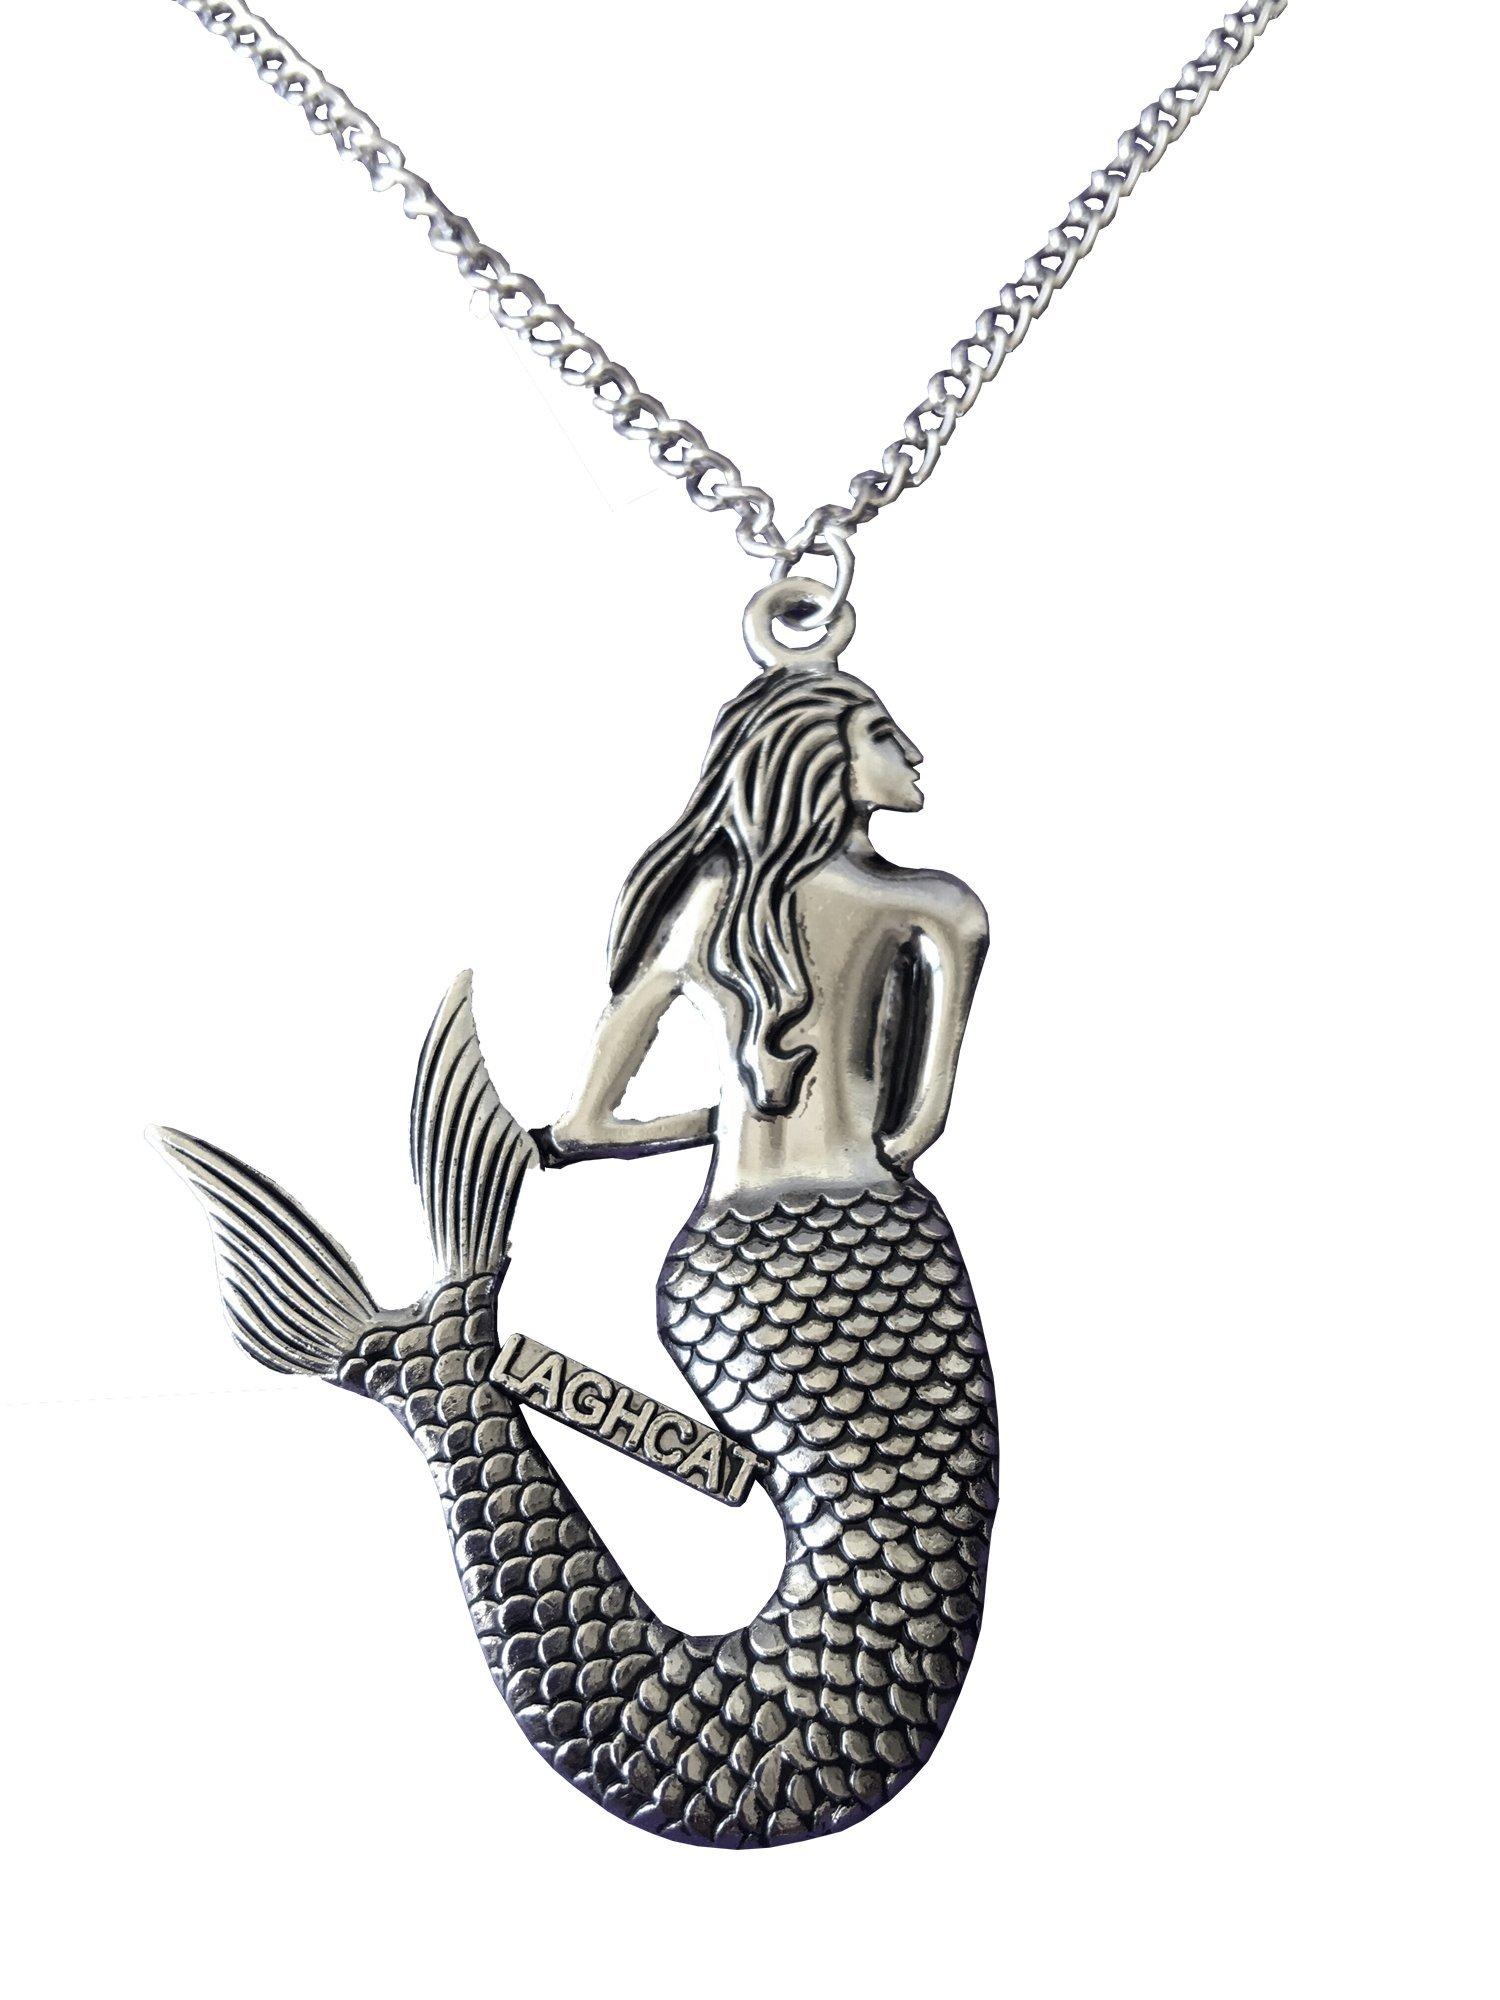 LAGHCAT Mermaid Silver Metal Necklaces (5 per package)